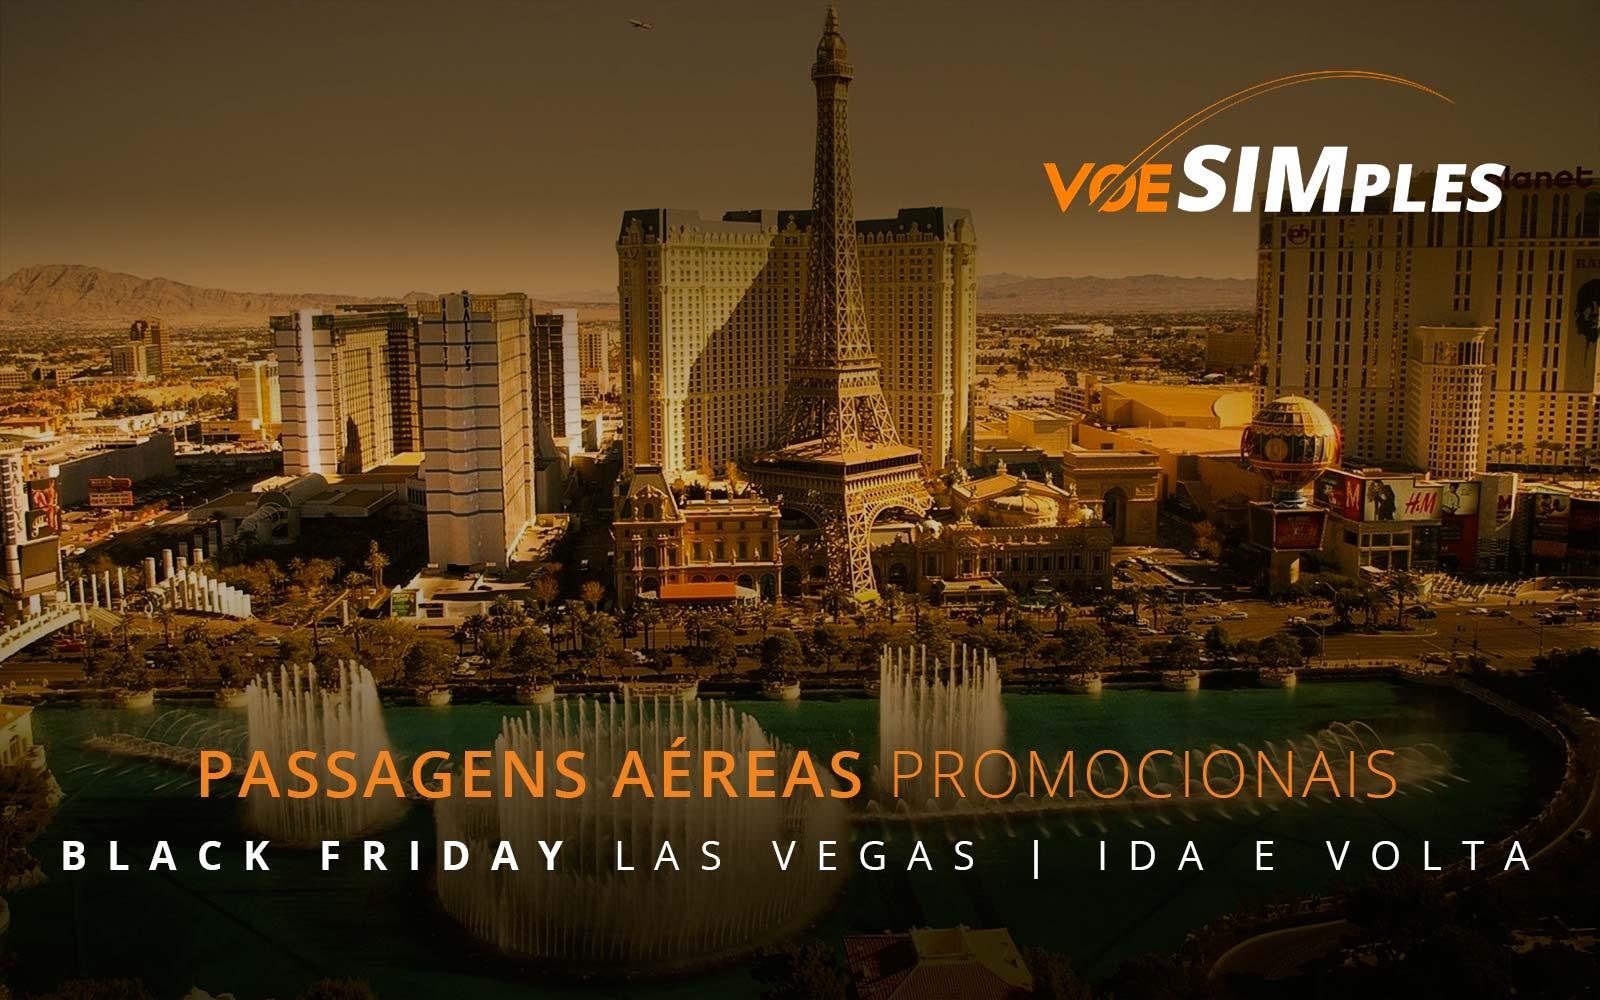 Passagens aéreas promocionais para a Black Friday em Las Vegas nos Estados Unidos